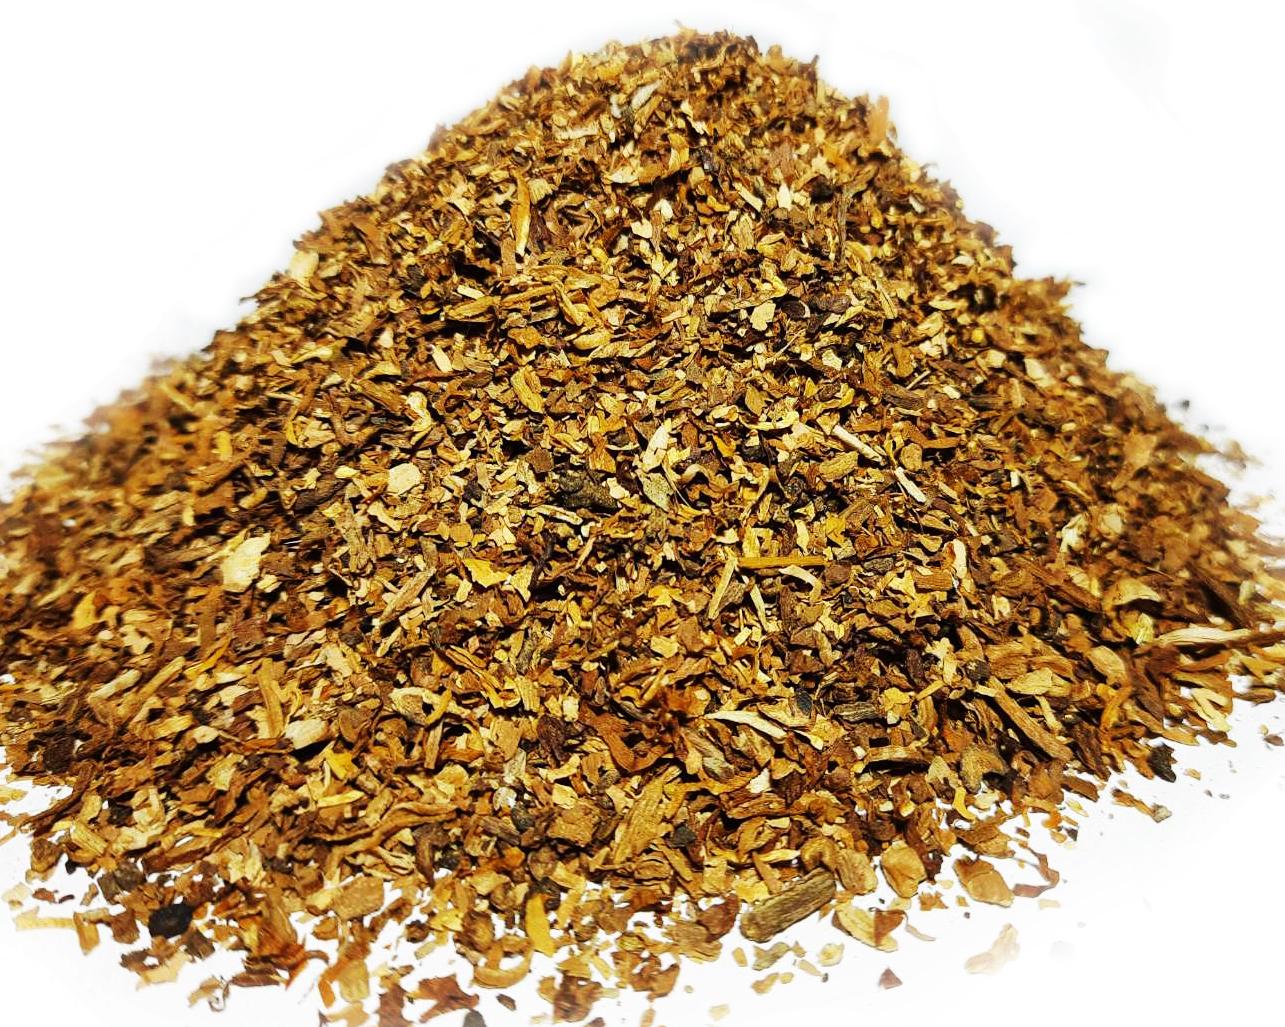 Купить табак для сигарет винстон купить сигареты в интернет магазине с доставкой екатеринбург